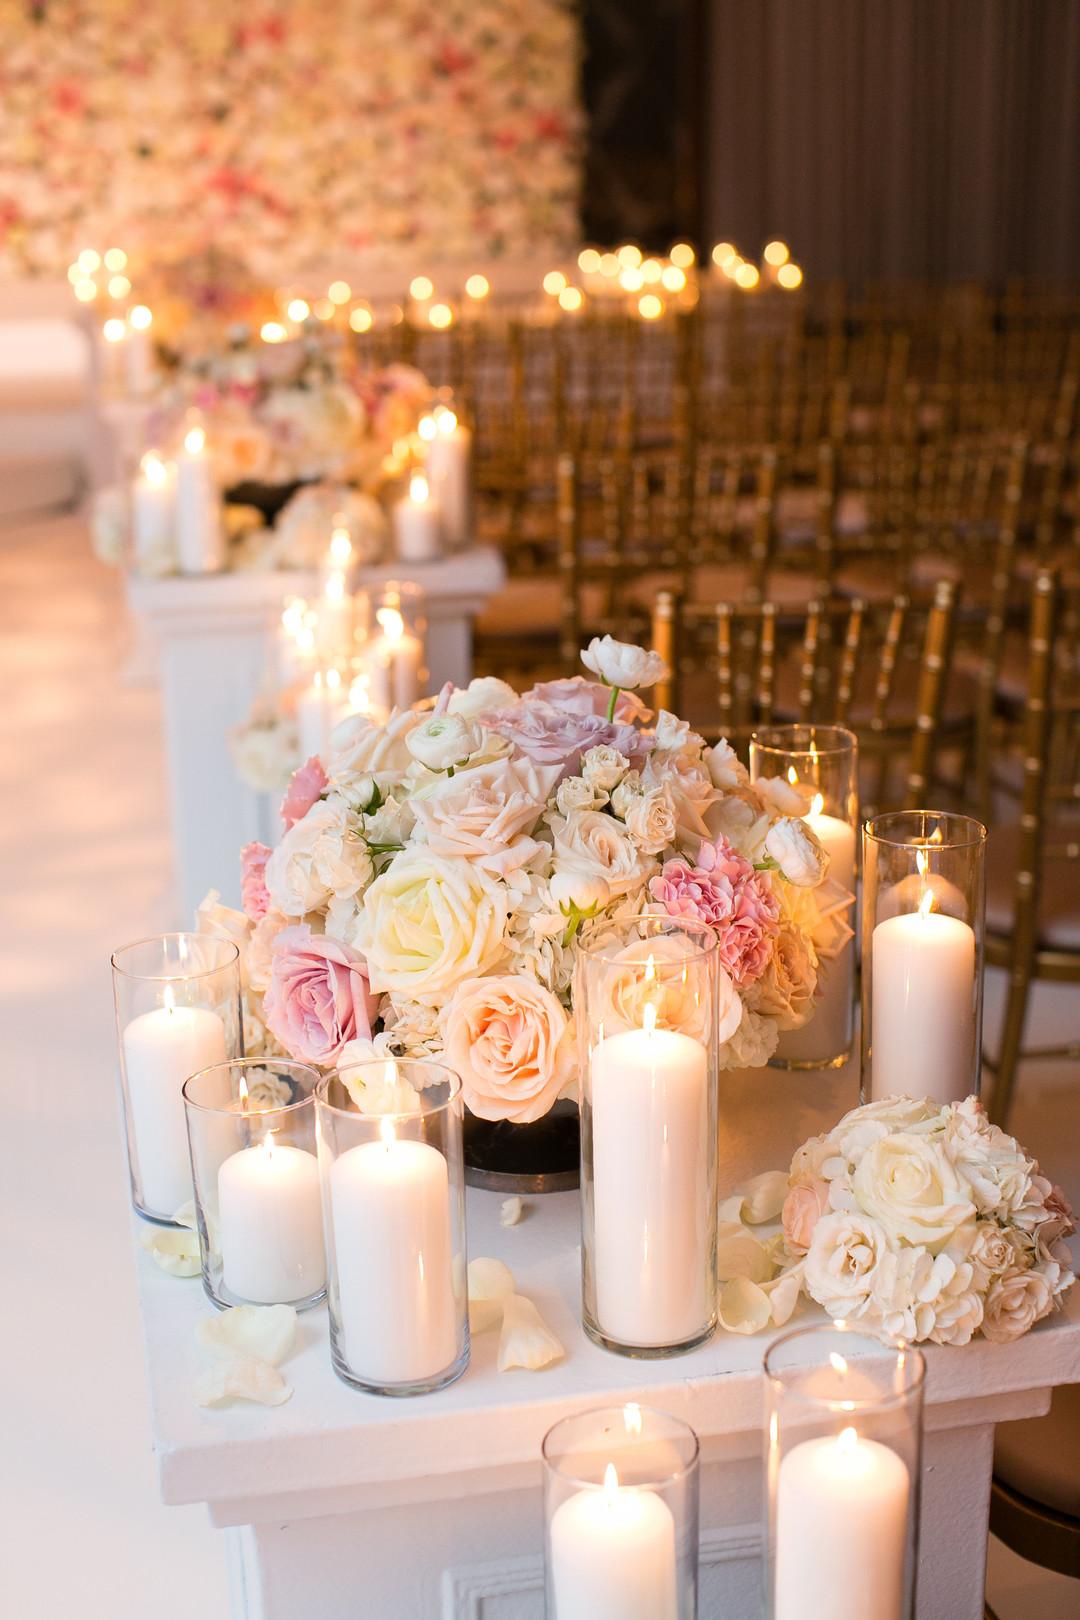 White Roses and Candles Aisle way Chicago Wedding Ceremony Emilia Jane Photography